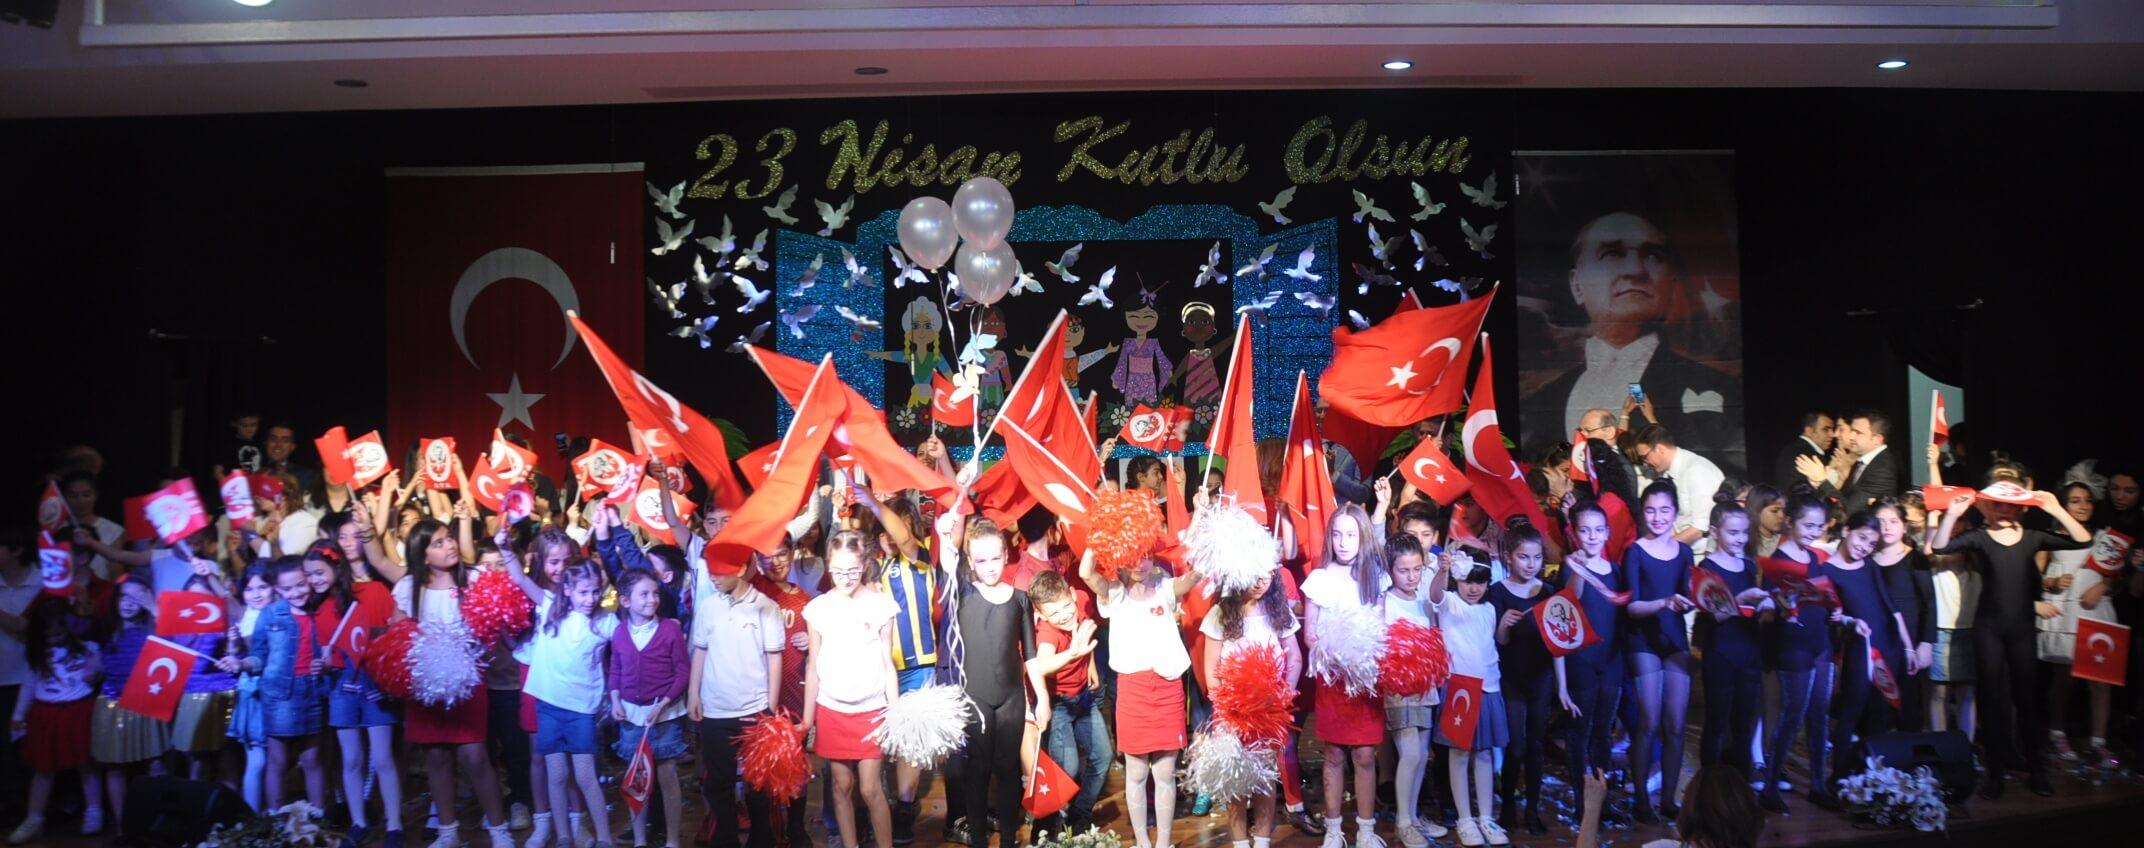 23 Nisan Ulusal Egemenlik ve Çocuk Bayramını Büyük Bir Coşkuyla Kutladık!